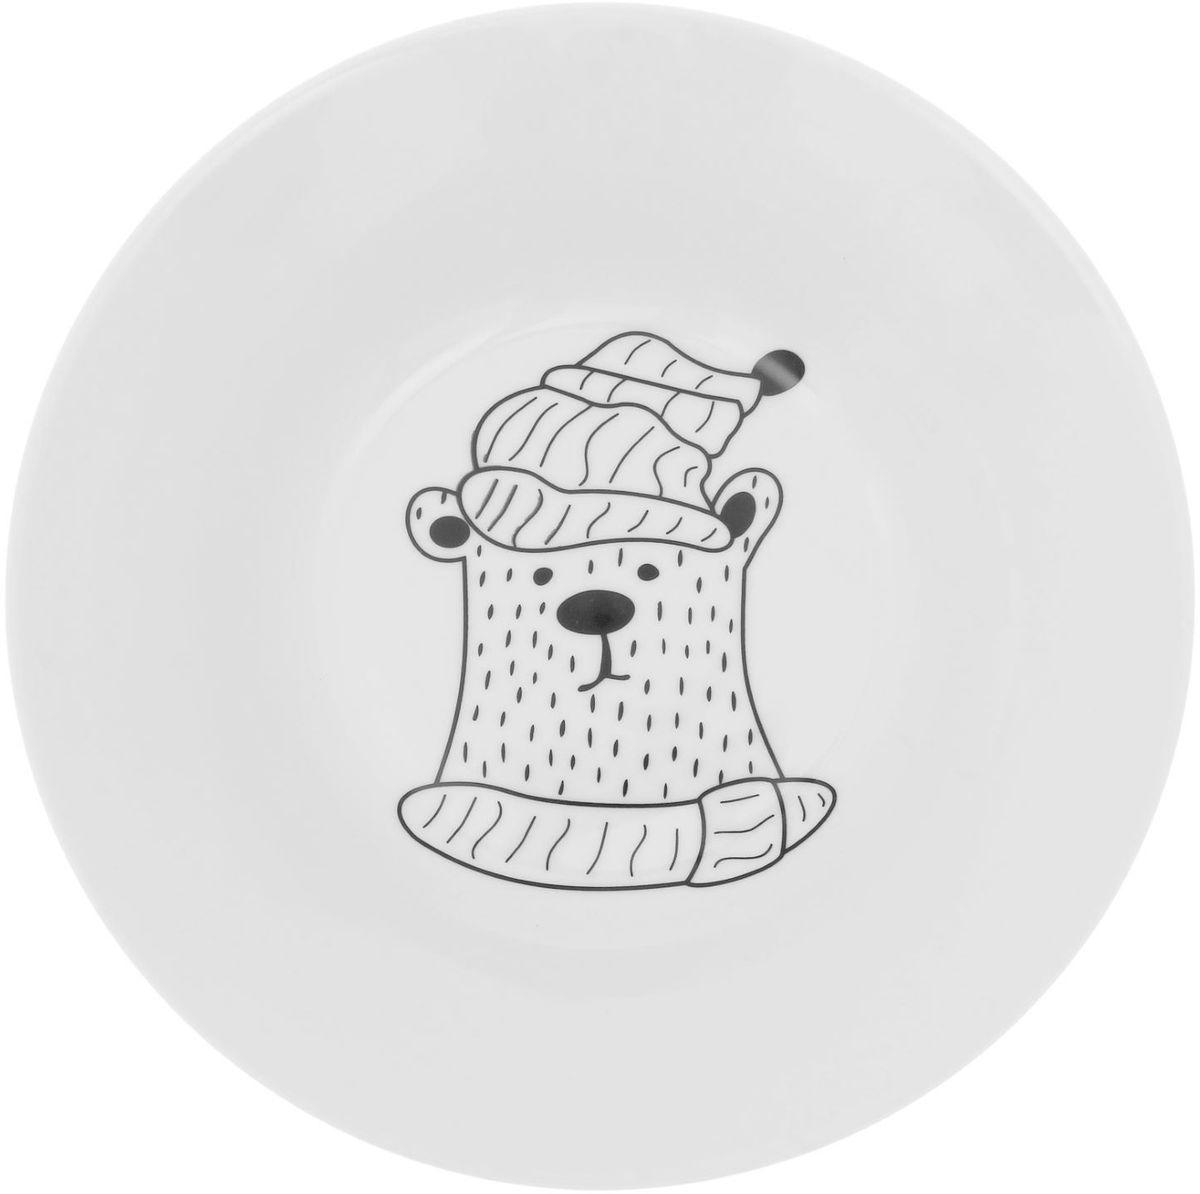 Тарелка глубокая Сотвори чудо Полярный мишка, диаметр 20 см1828171Хотите обновить интерьер кухни или гостиной? Устраиваете необычную фотосессию или тематический праздник? А может, просто ищете подарок для близкого человека? Посуда Сотвори Чудо — правильный выбор в любой ситуации. Тарелка Сотвори Чудо, изготовленная из изящного фаянса нежного сливочного цвета, оформлена оригинальным рисунком со стойкой краской. Пригодна для посудомоечной машины.